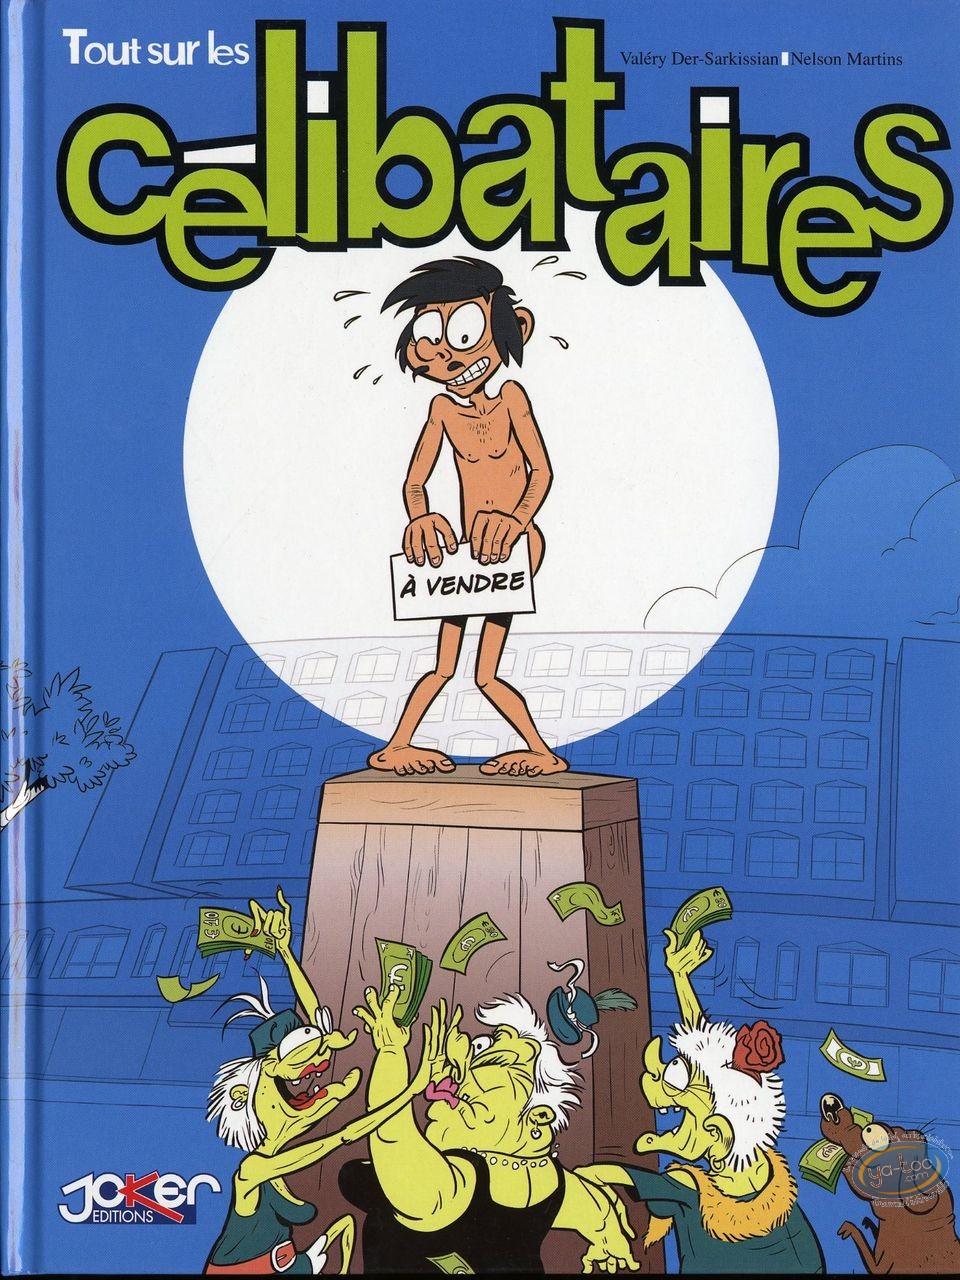 European Comic Books, Tout sur … : Tour sur ... Les célibataires